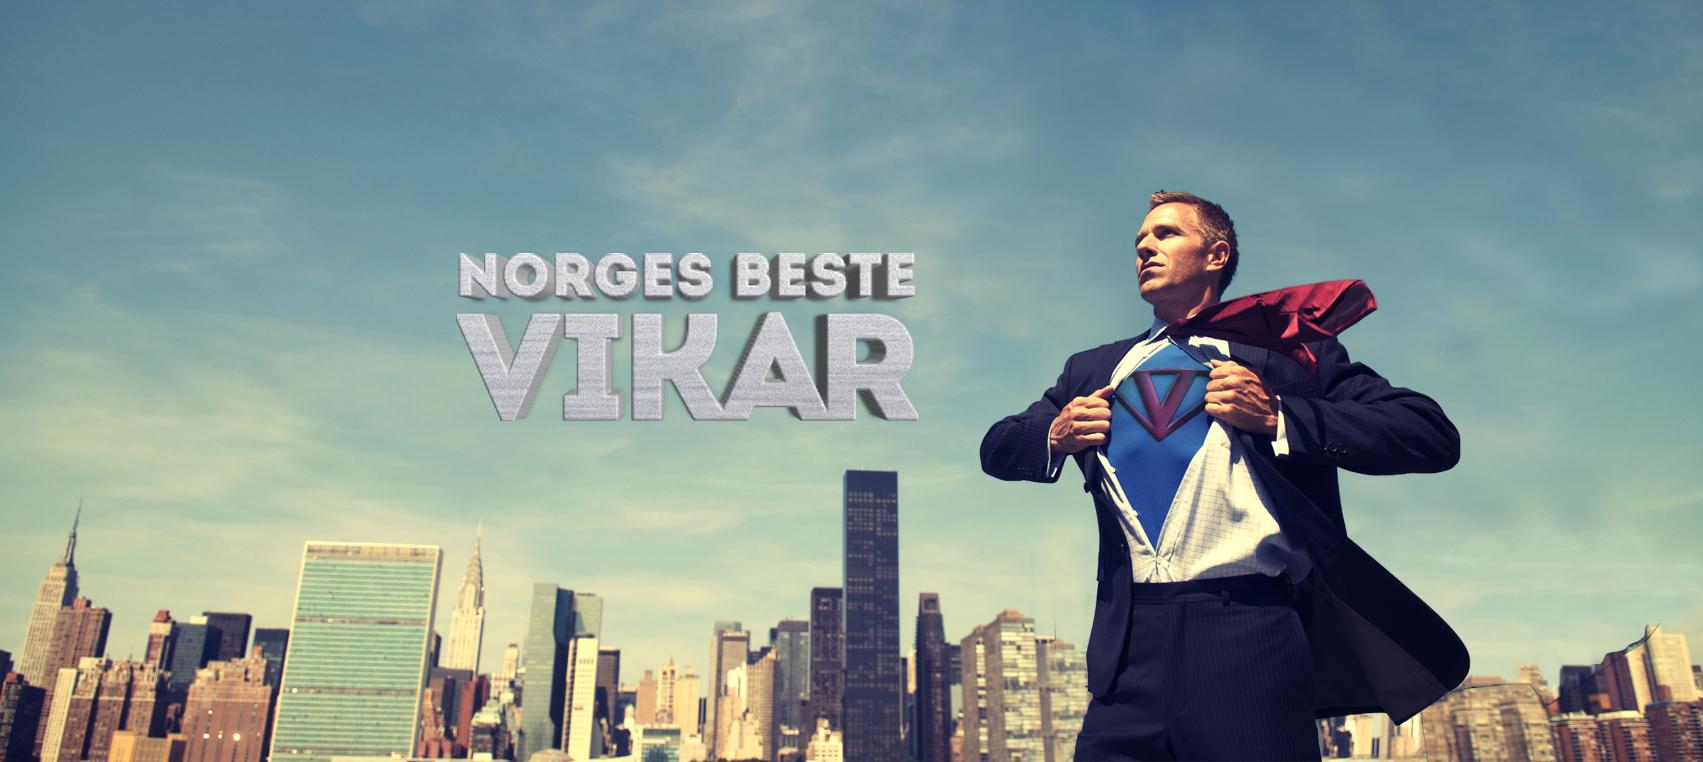 Jakter på Norges beste vikar